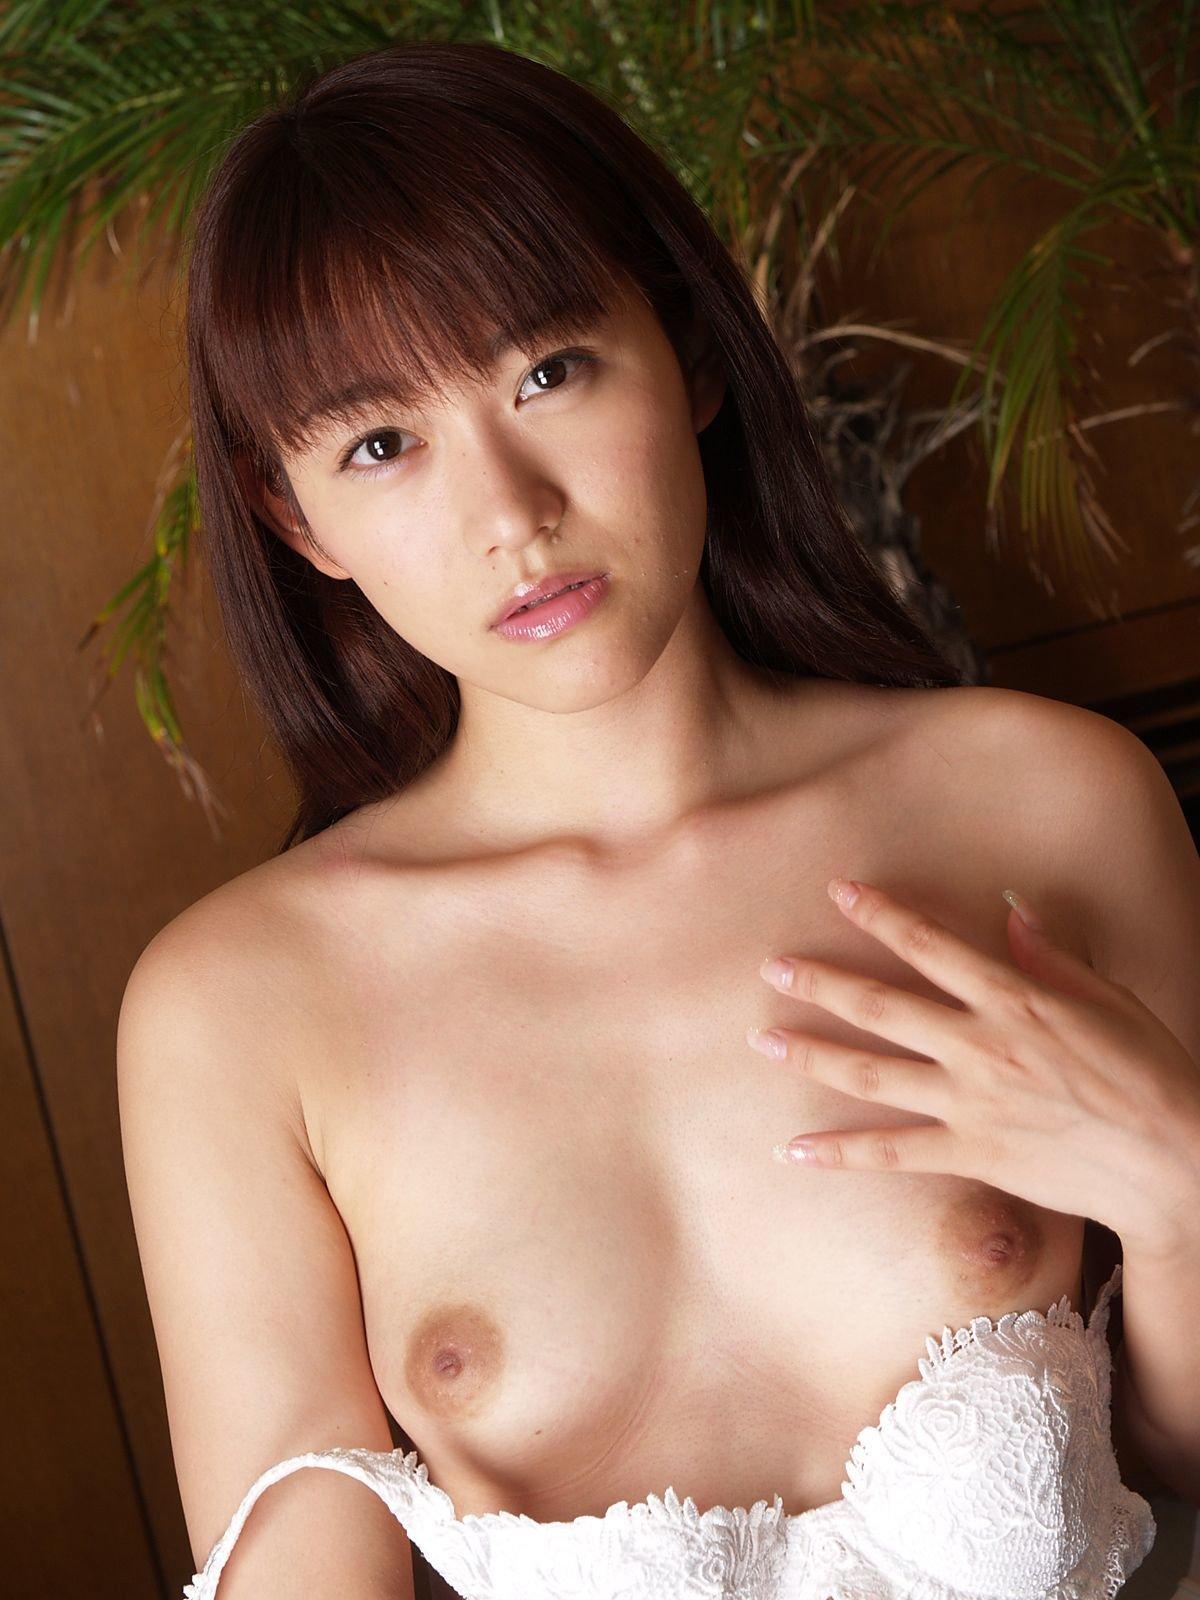 三次元 3次元 エロ画像 AV女優 西野翔 ヌード べっぴん娘通信 006